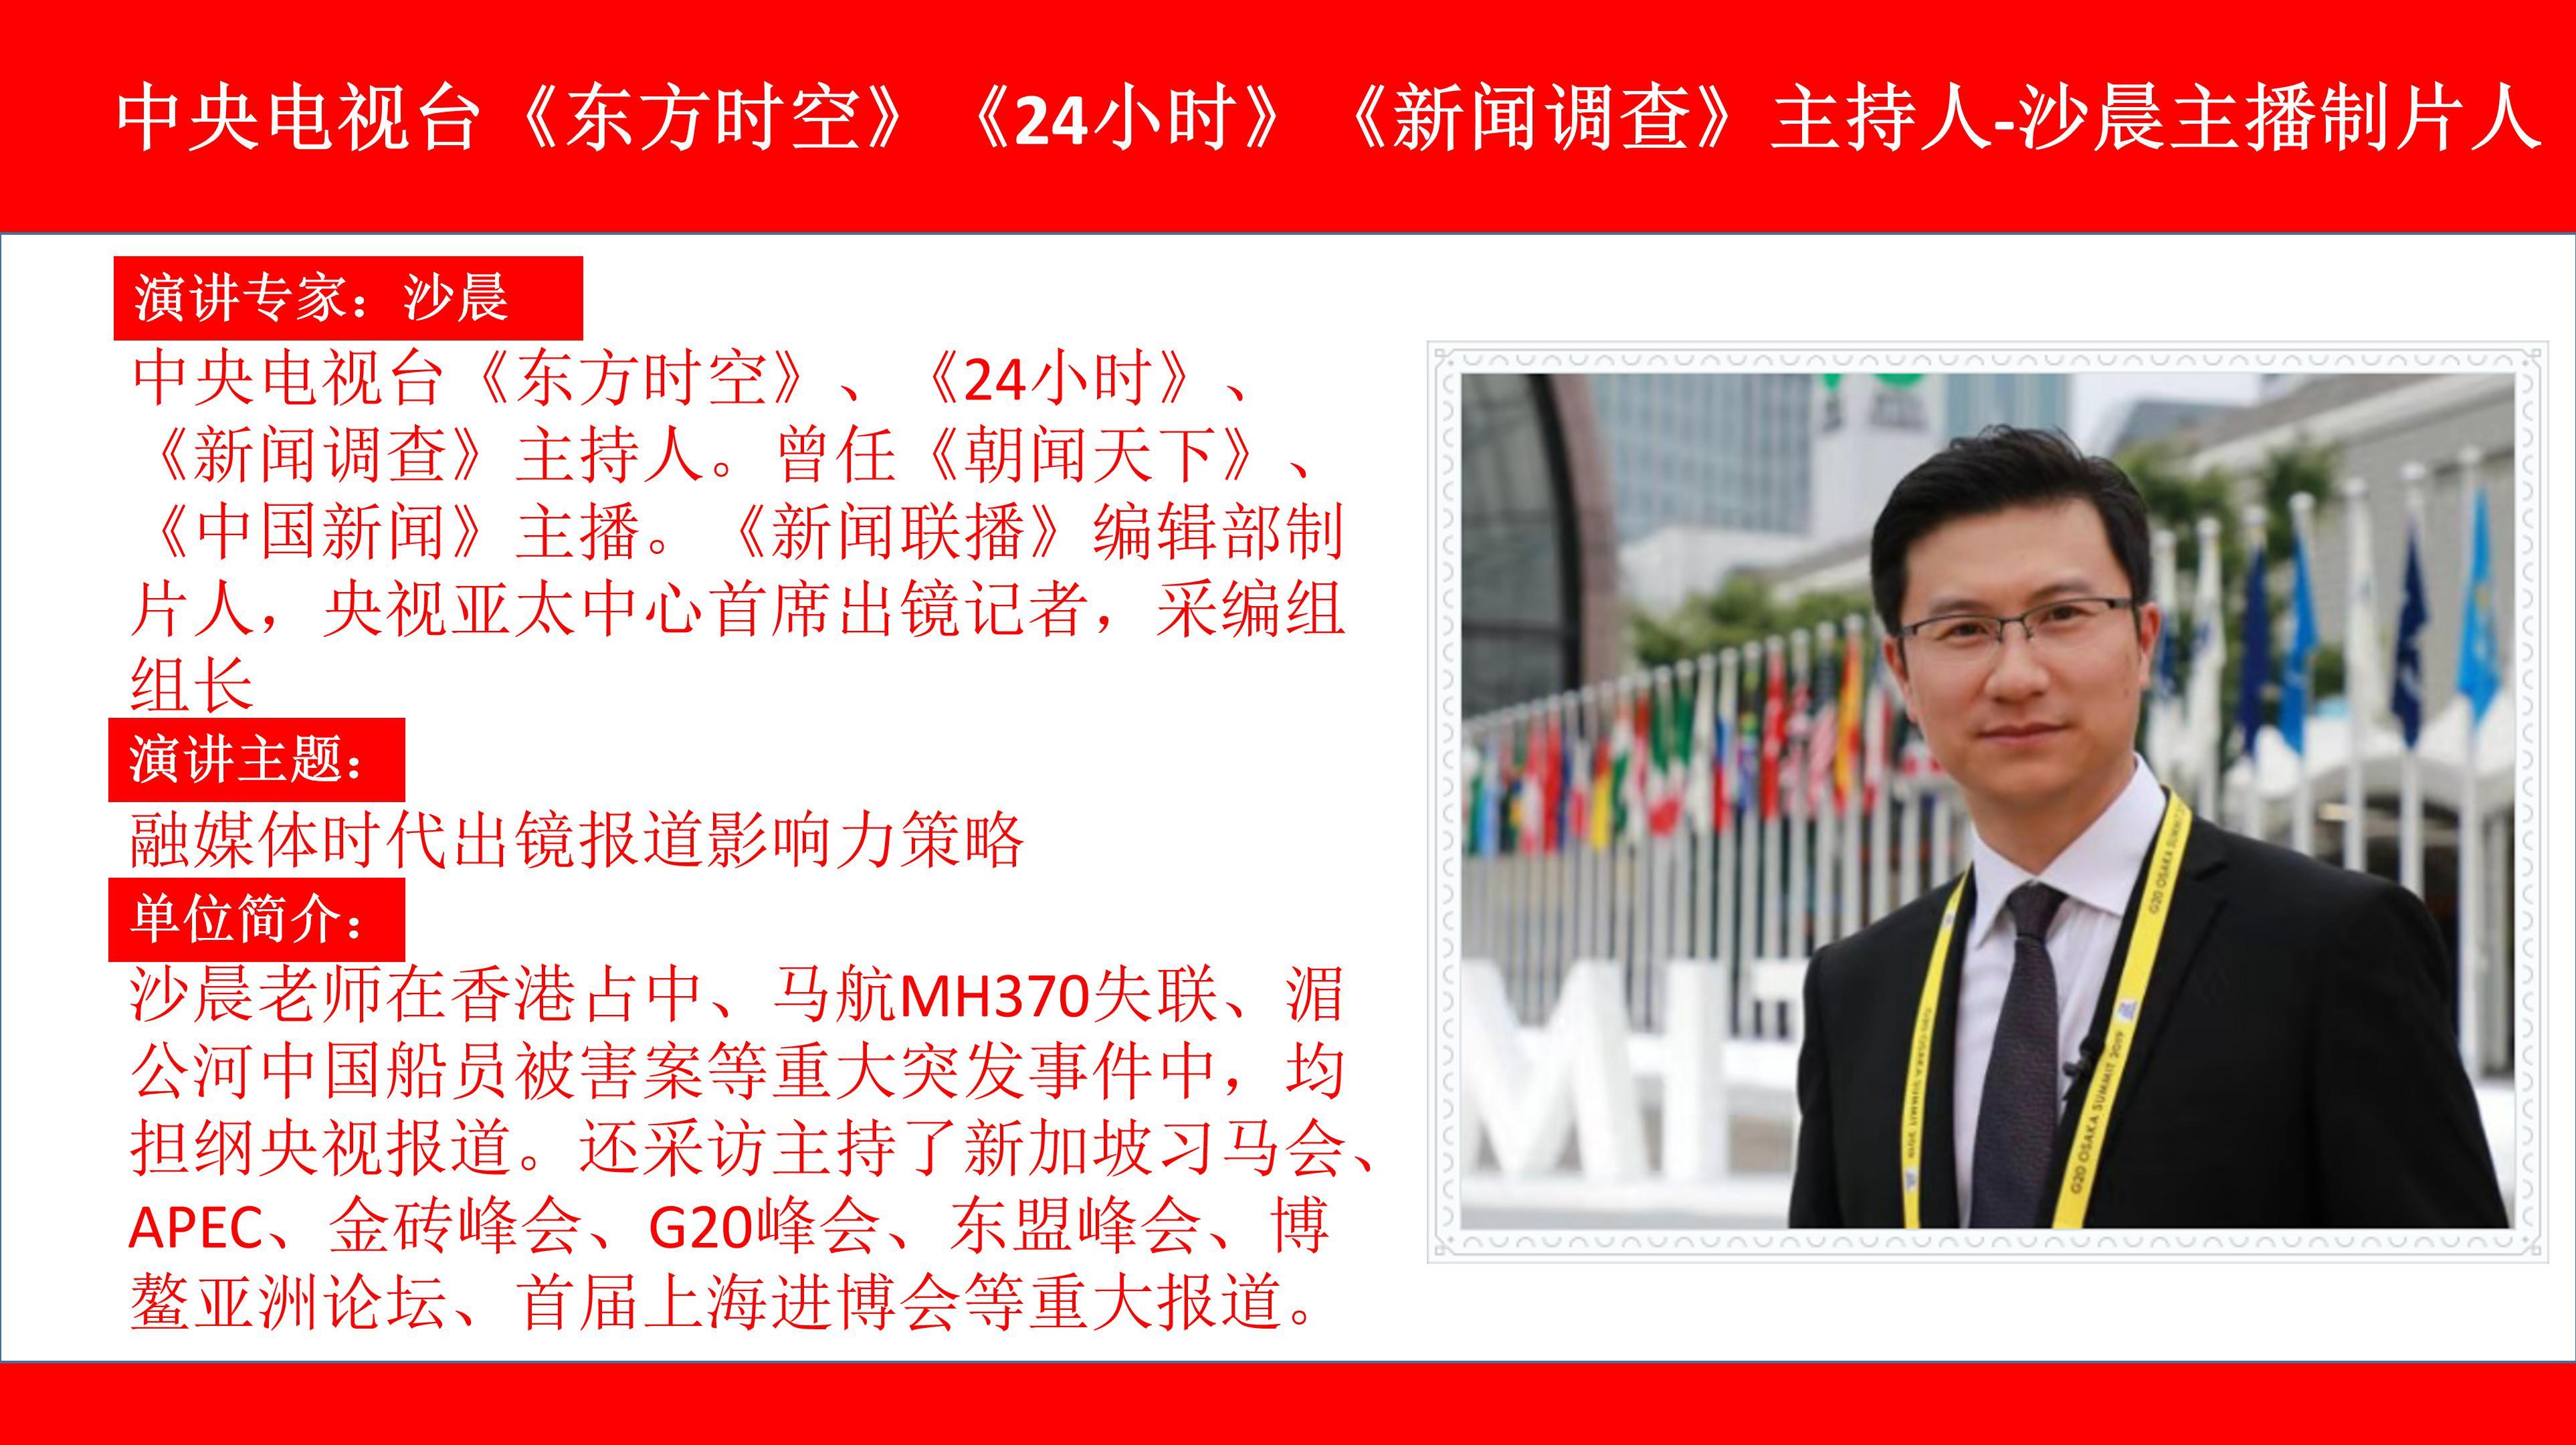 2019新媒体运营与编辑创新研讨班(10月18日北京班)